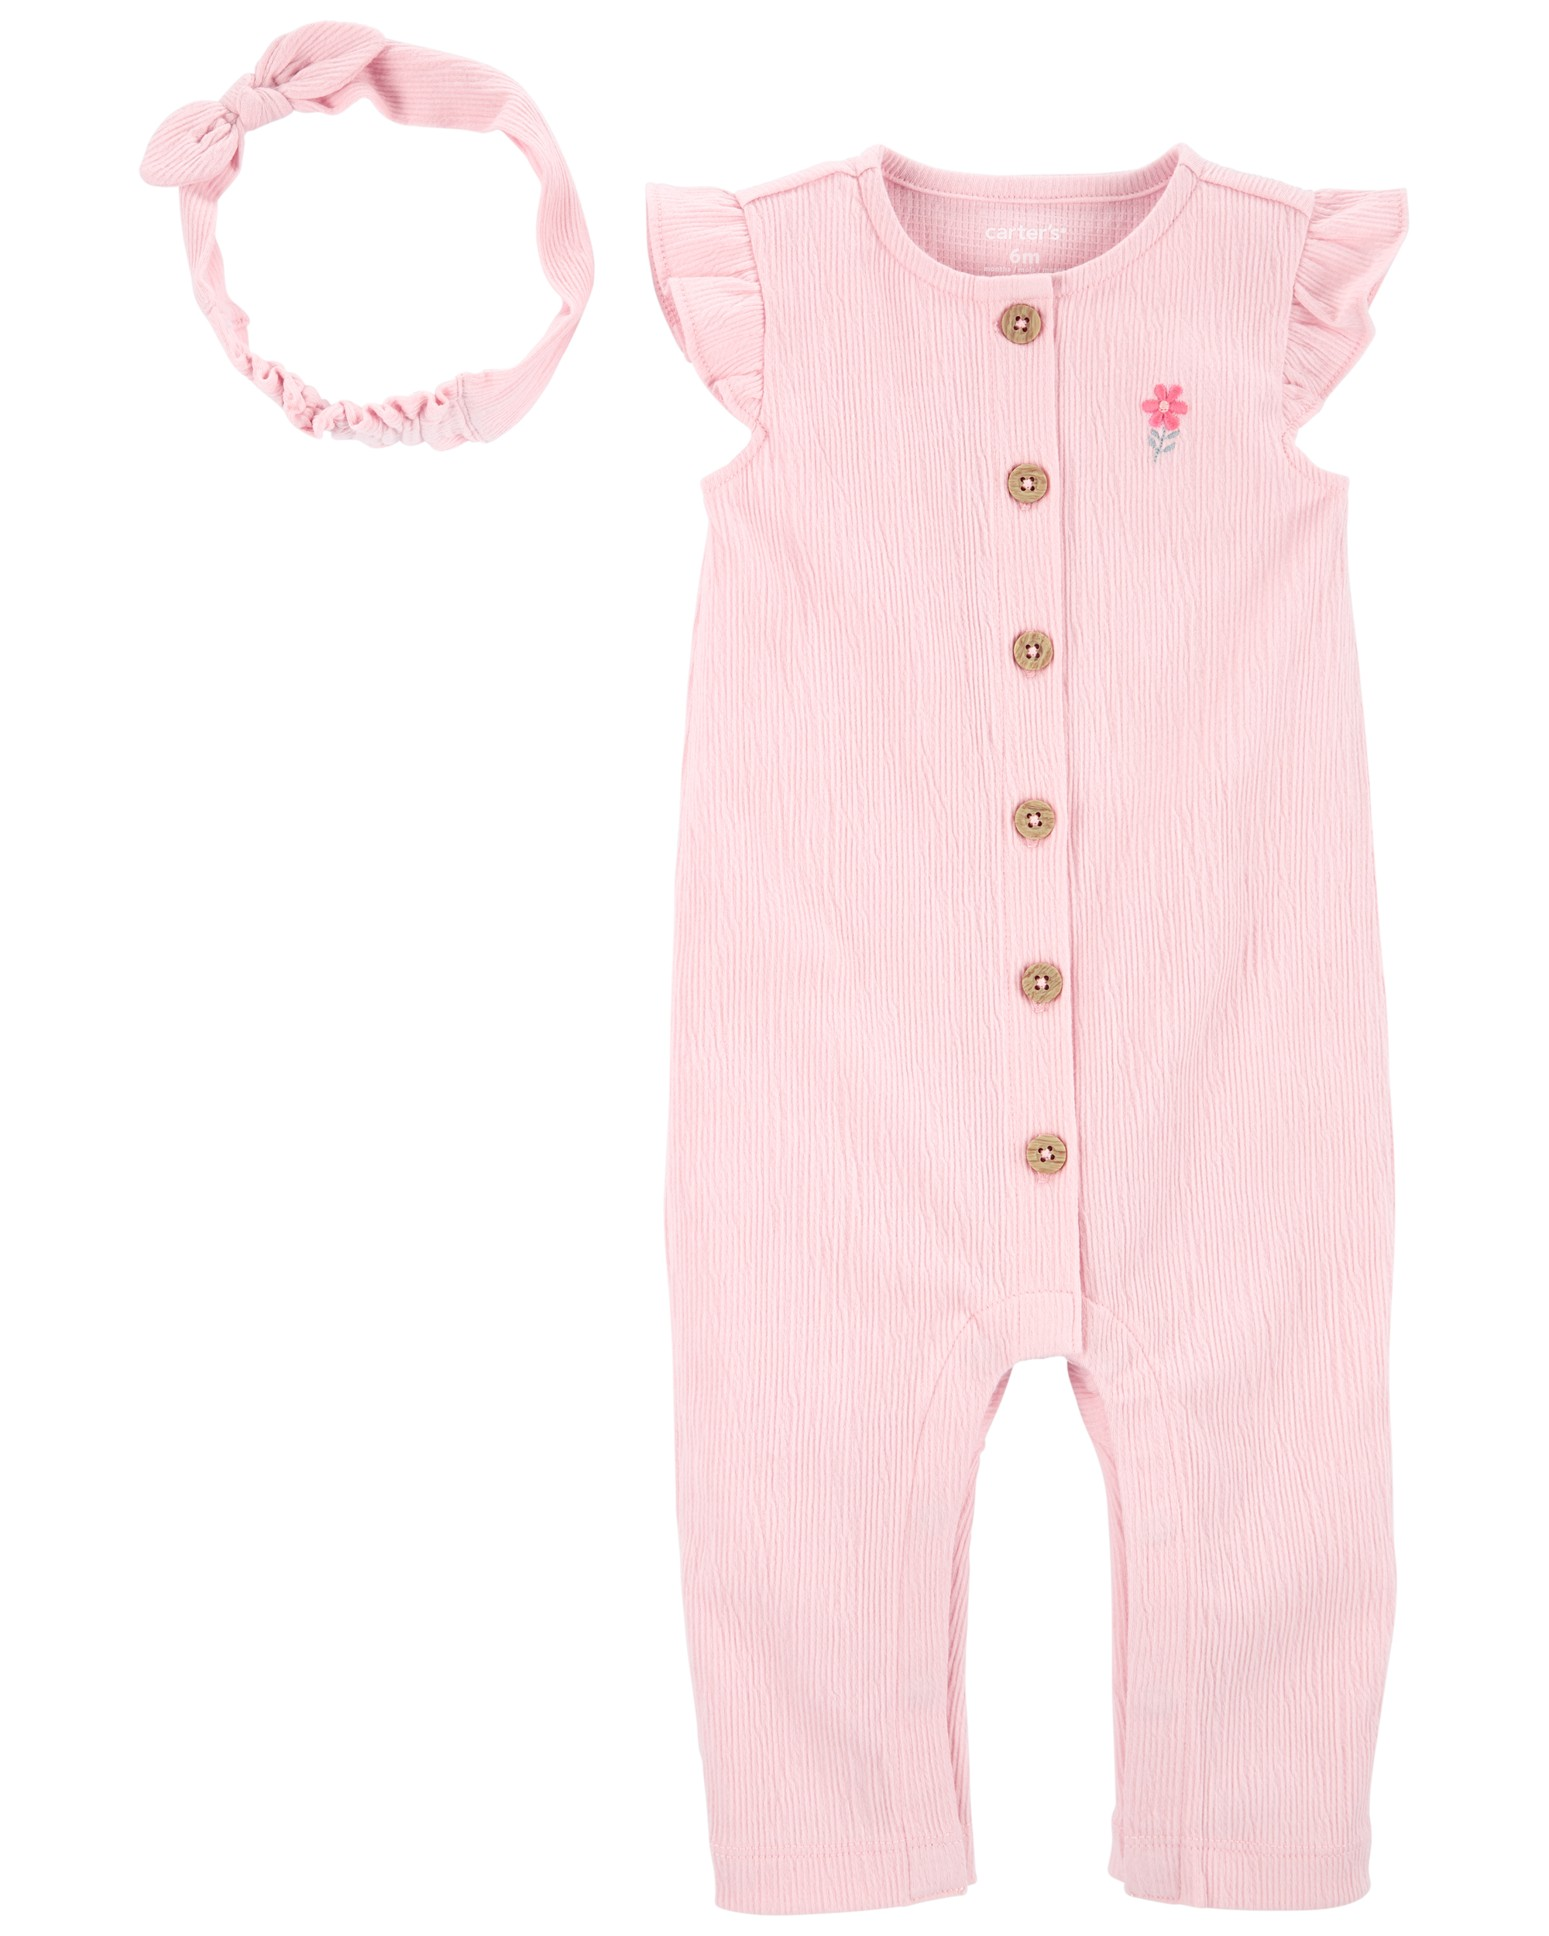 CARTER'S Set 2dielny overal na zips bez rukávov, čelenka Pink dievča LBB 3m, veľ. 62